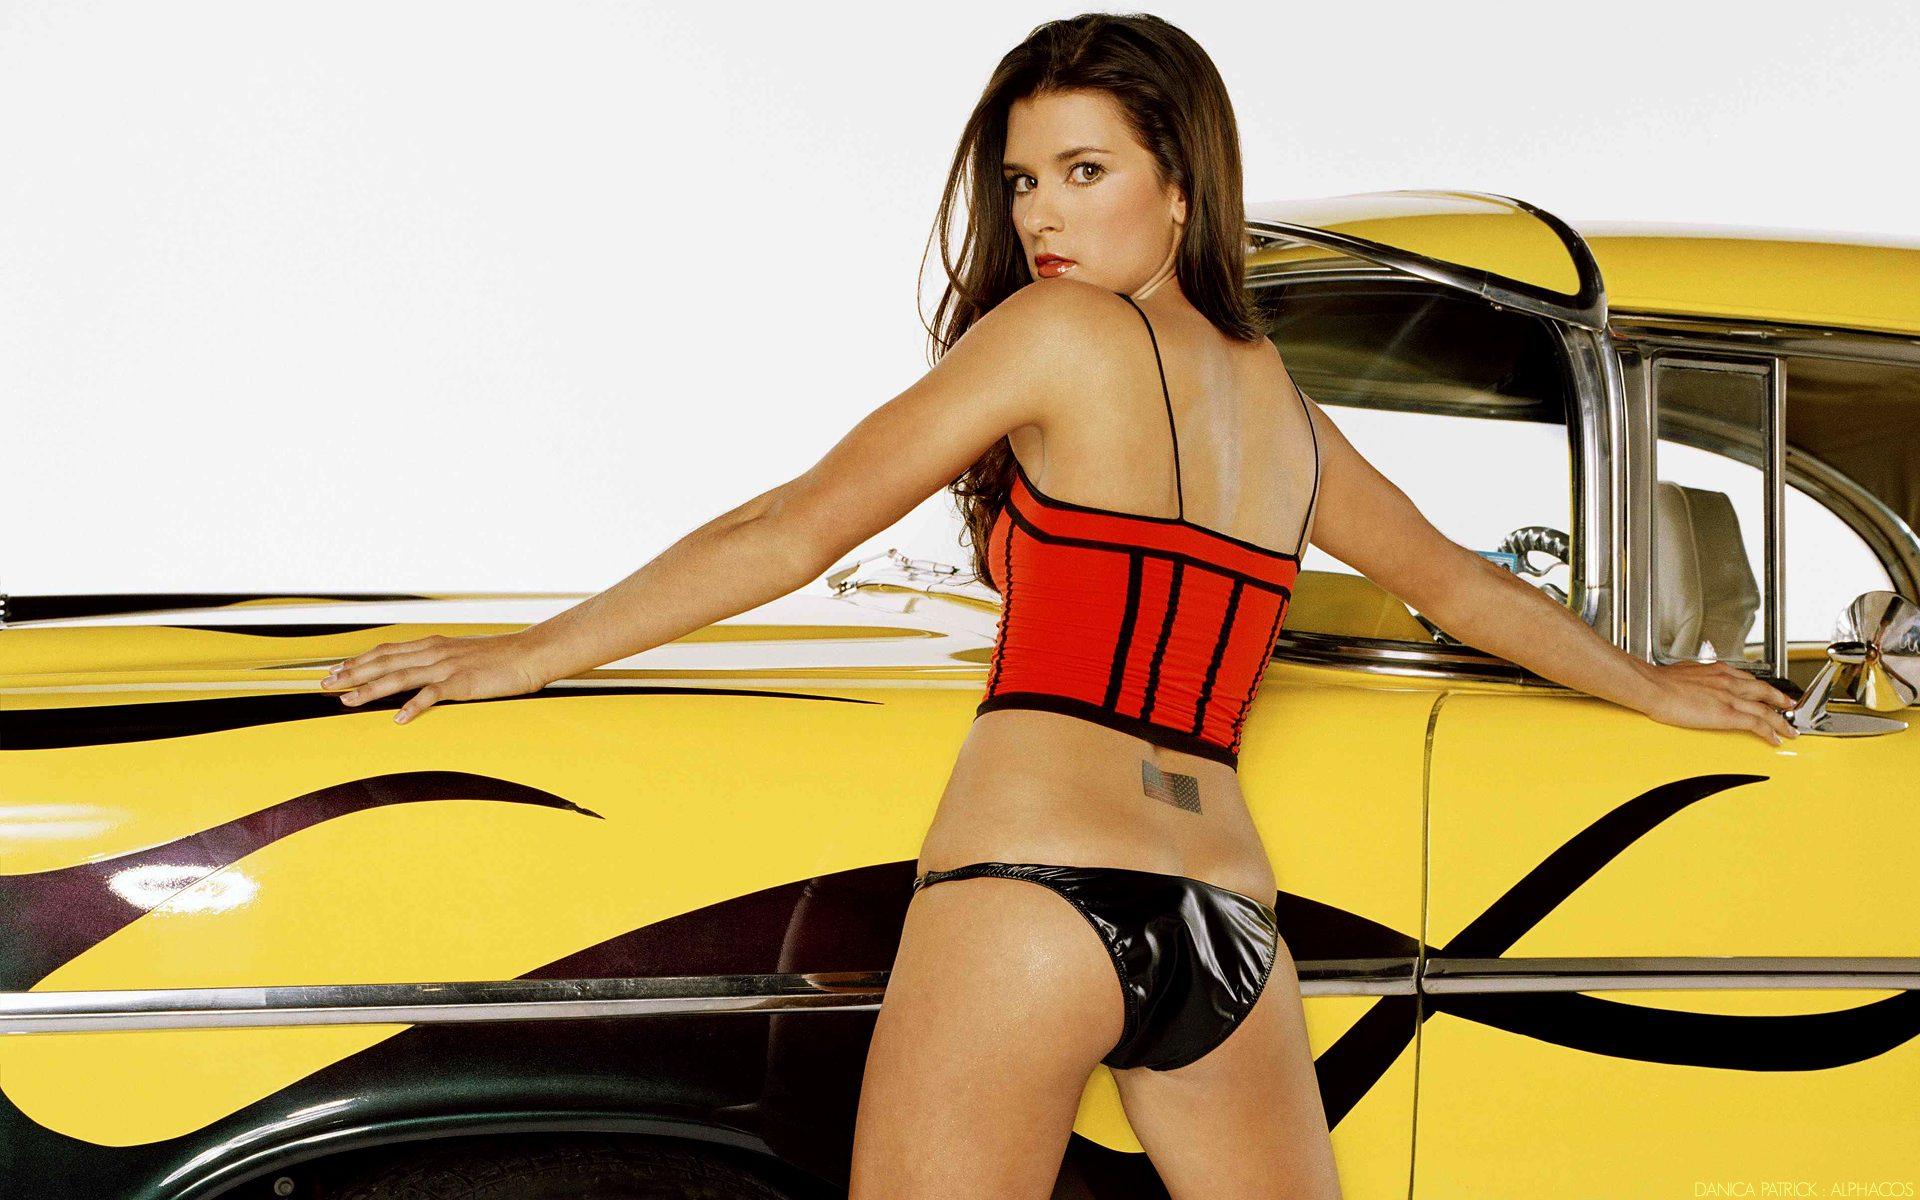 Danica Patrick - người đẹp gợi cảm mê tốc độ